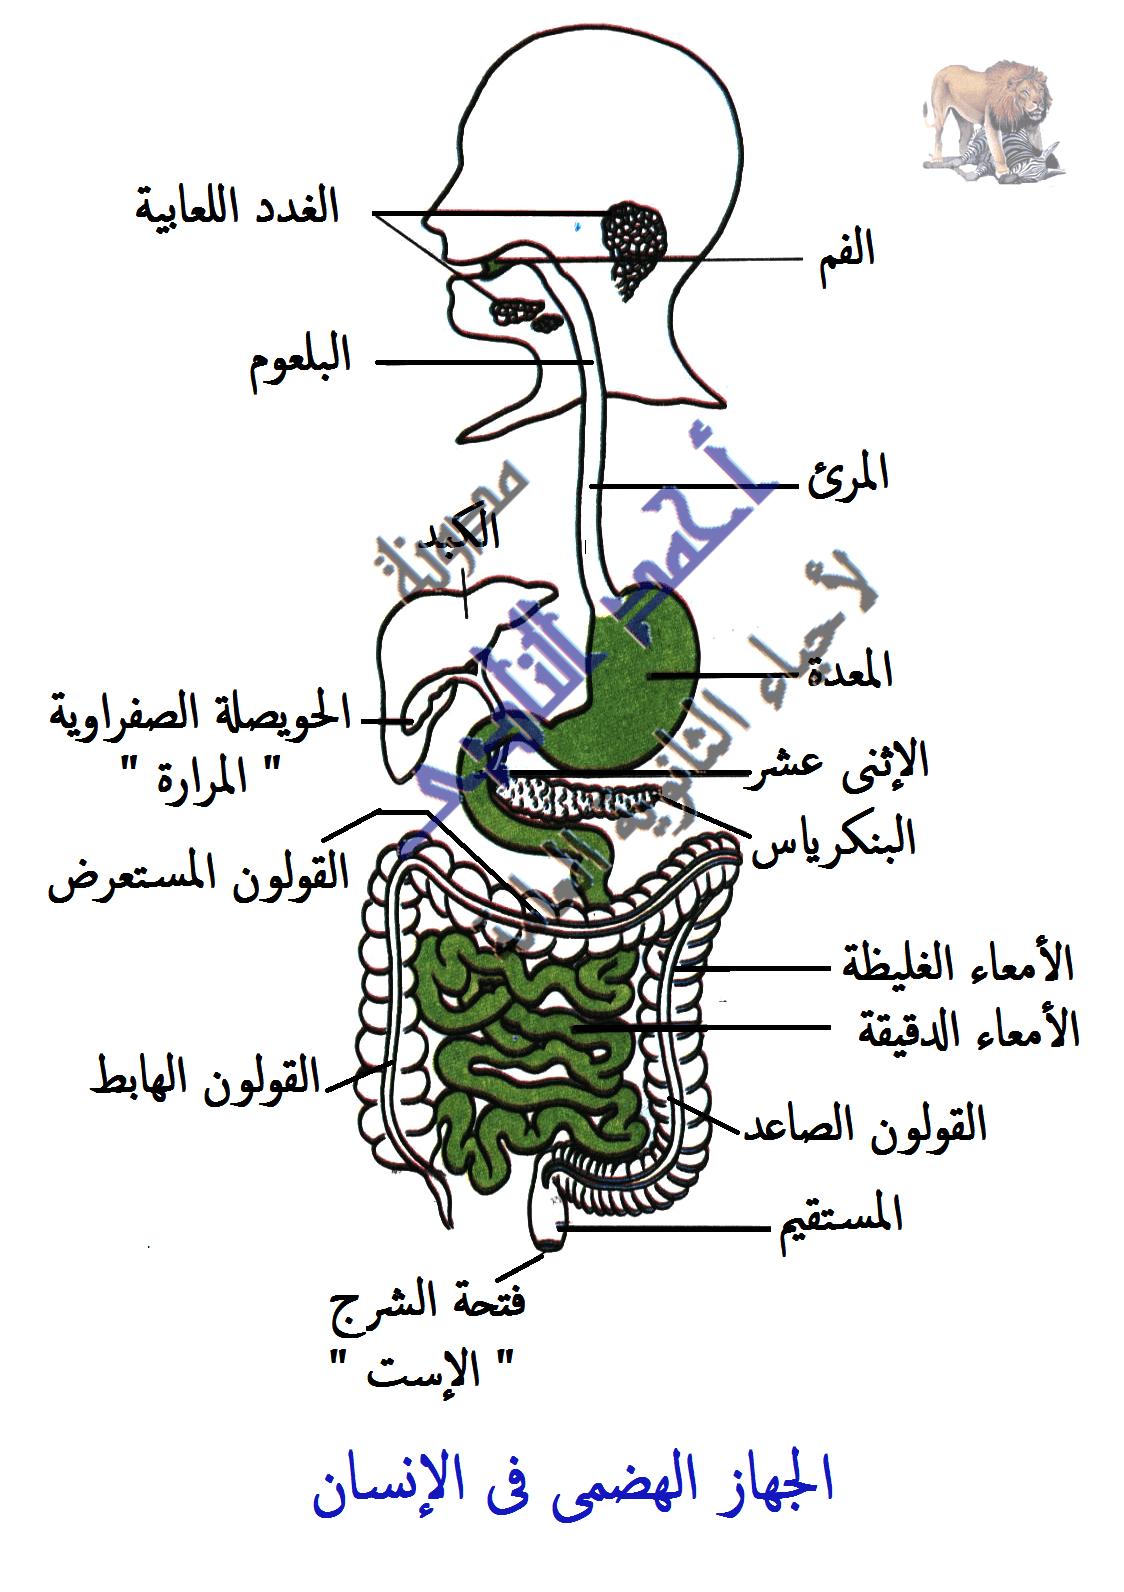 الهضم فى الإنسان -  الجهاز الهضمى - الفم - المعدة - الأمعاء الدقيقة والغليظة -  مدونة أحمد النادى لأحياء الثانوية العامة